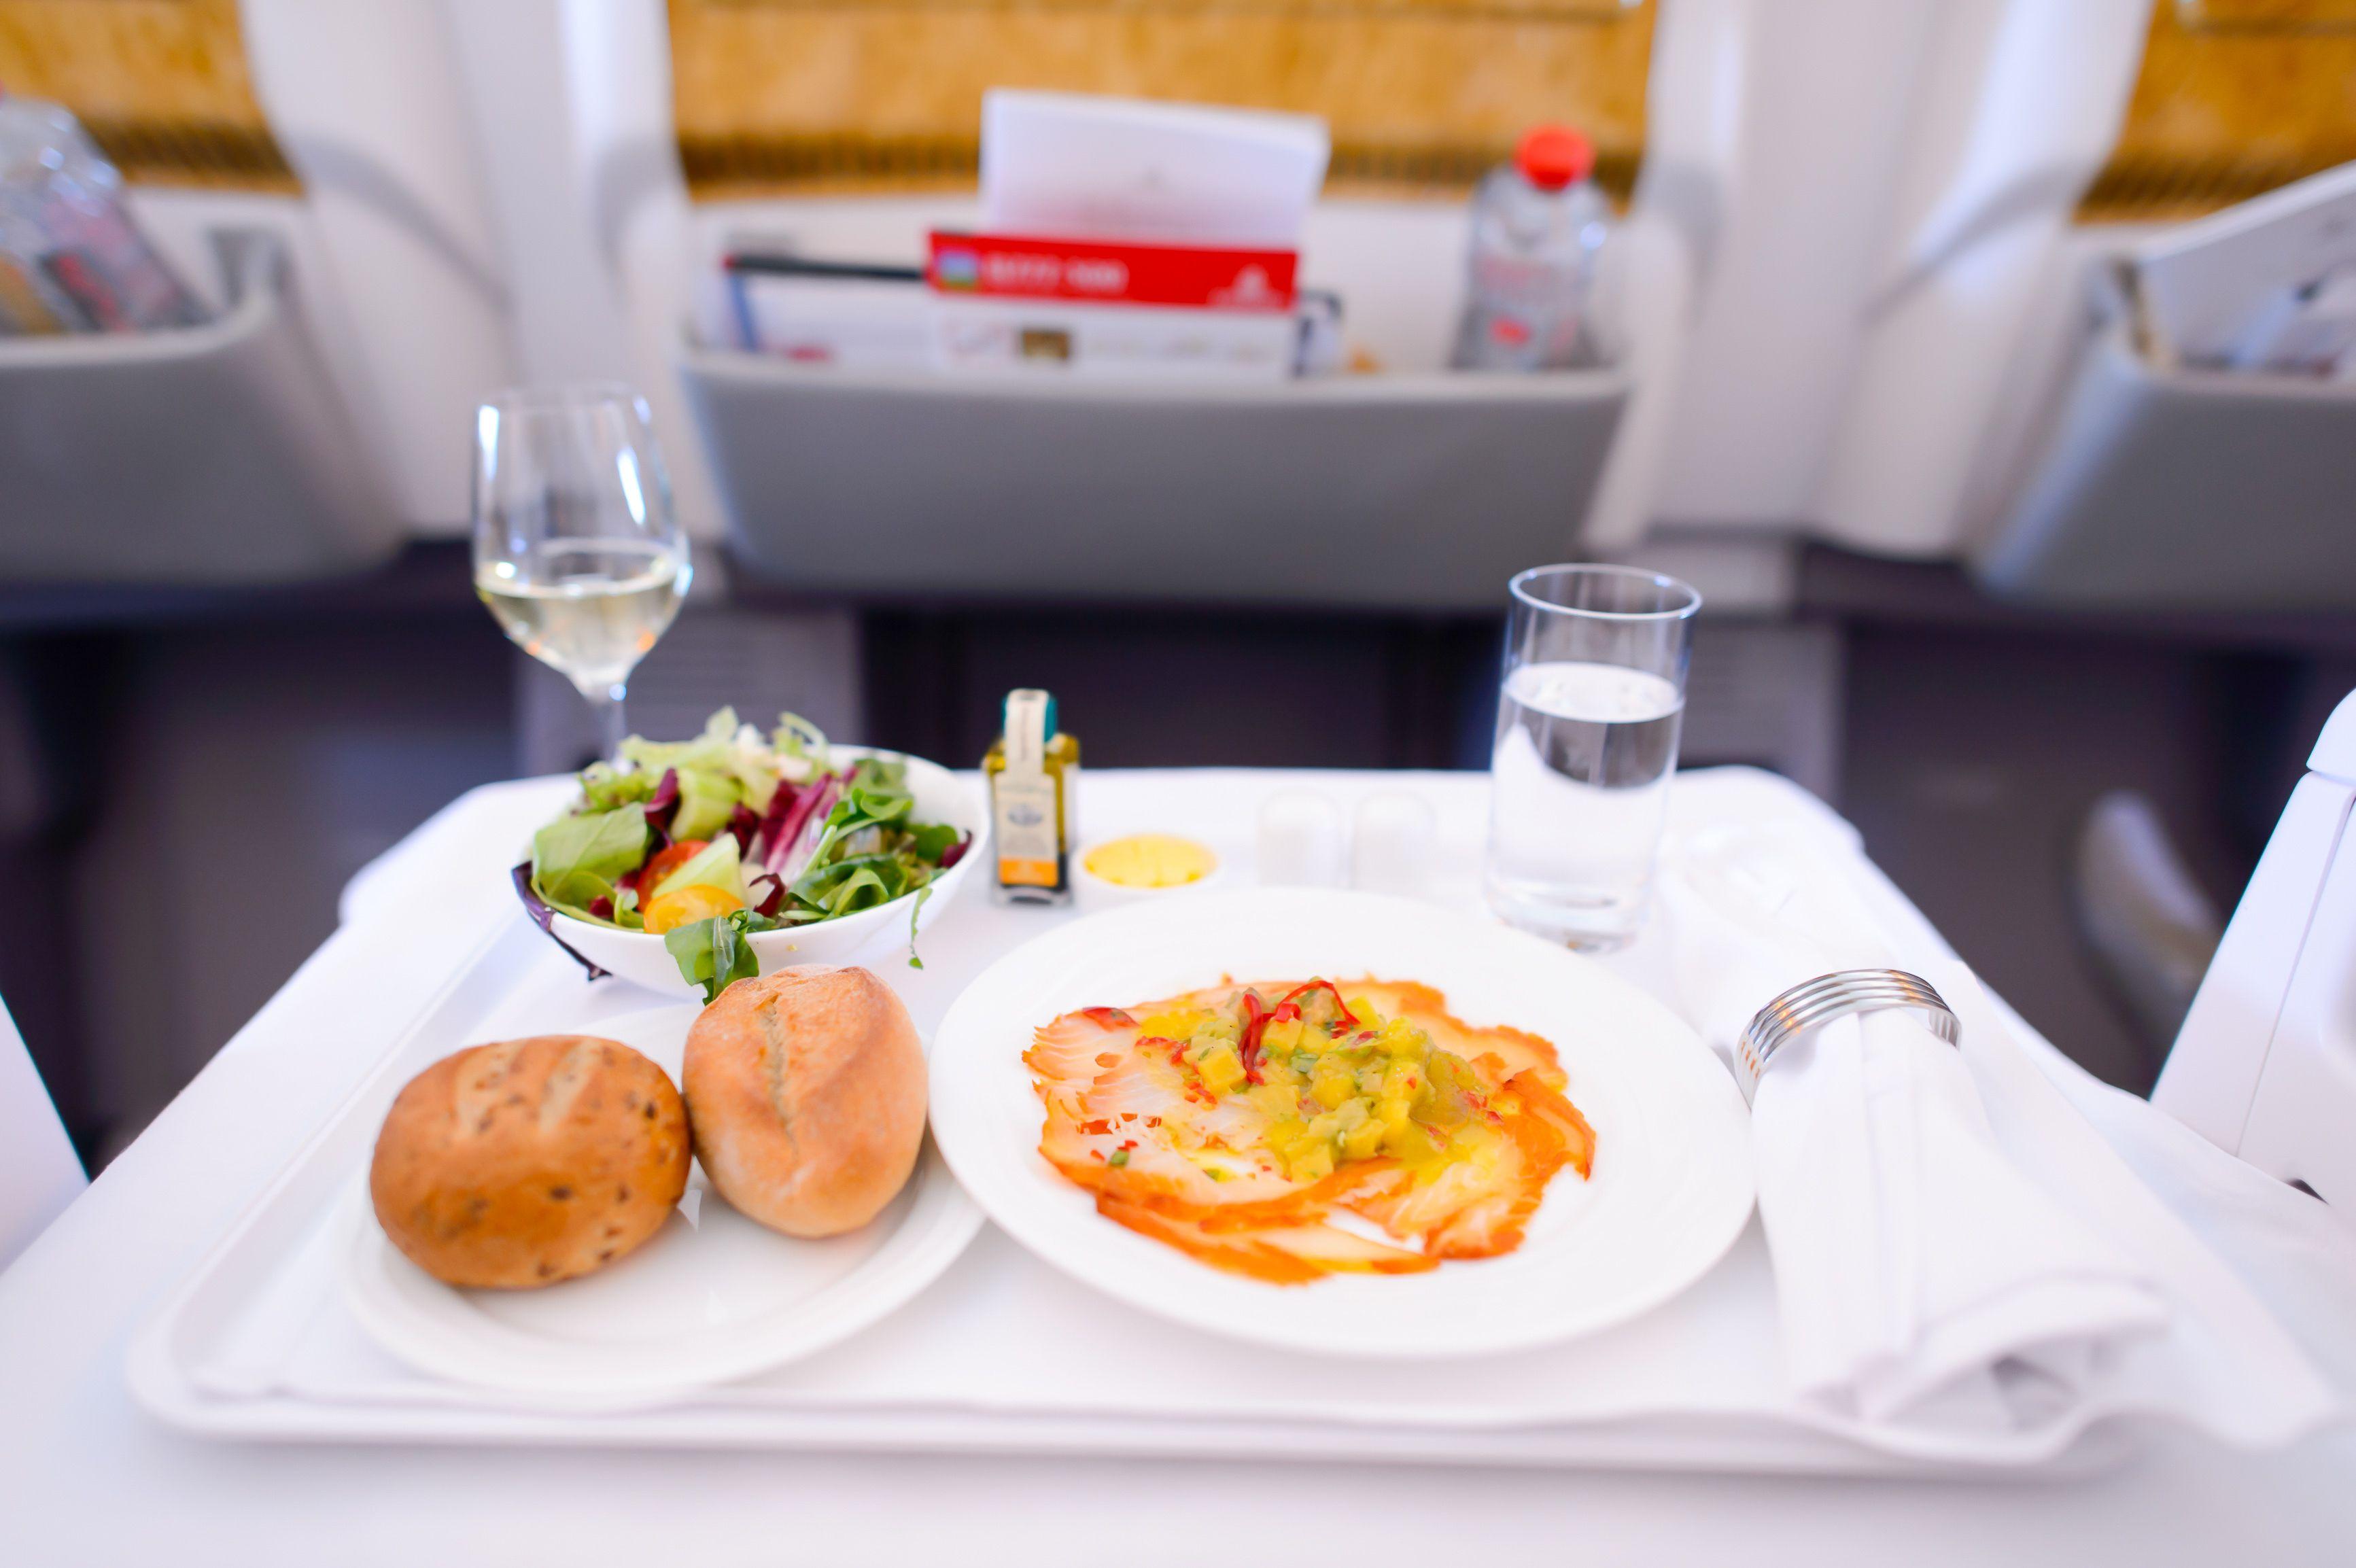 Letecká společnost Travel Service ruší bezplatné jídlo na letech do Egypta a na portugalskou Madeiru.